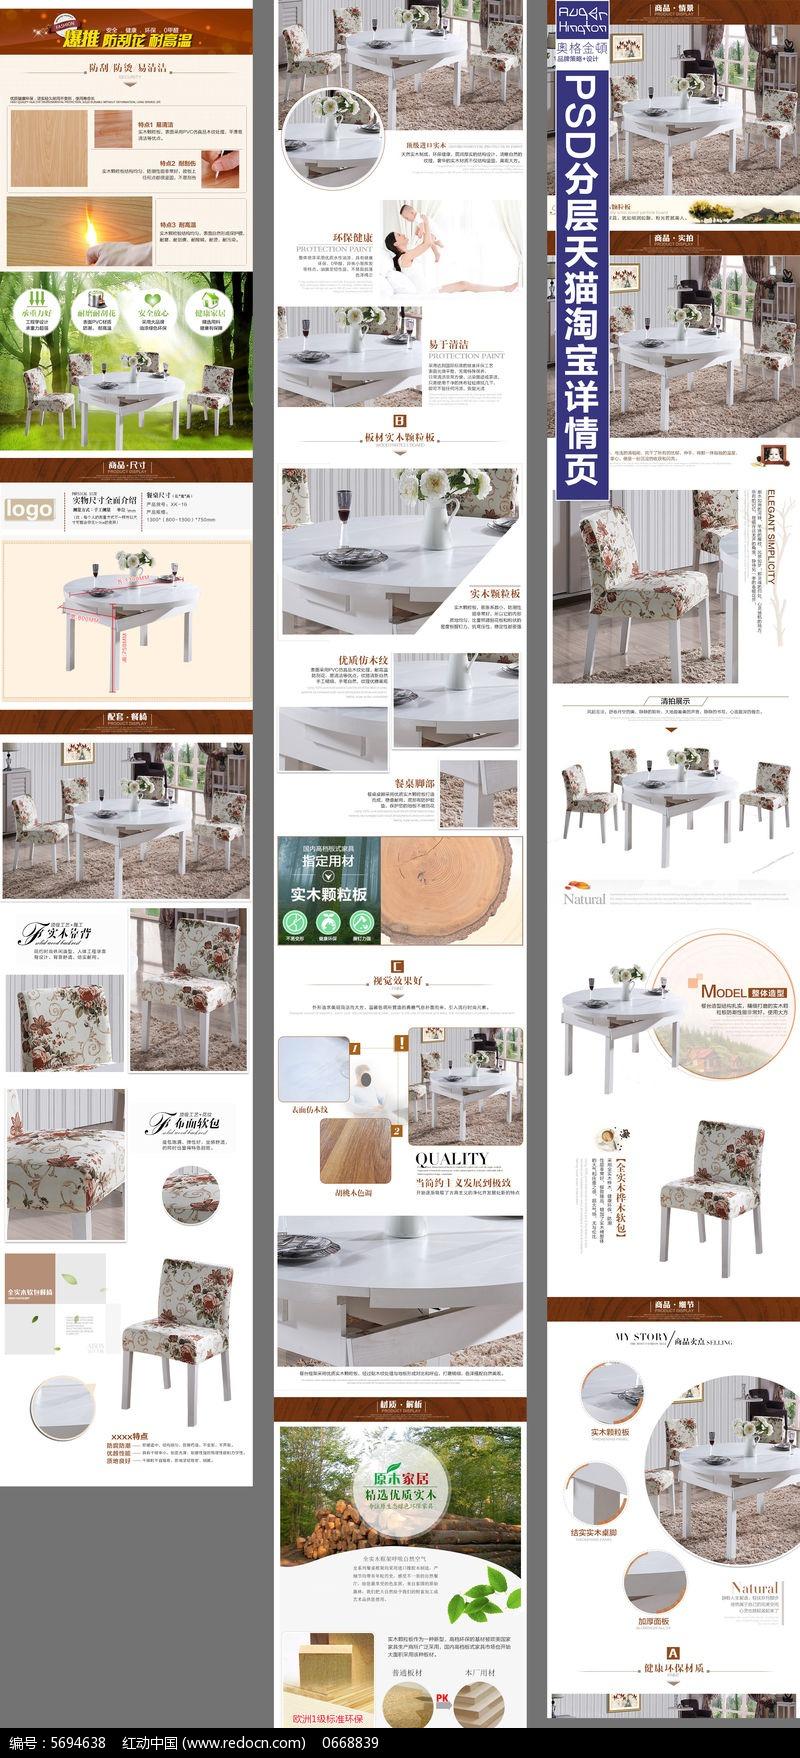 淘宝餐桌详情页细节描述图模板图片